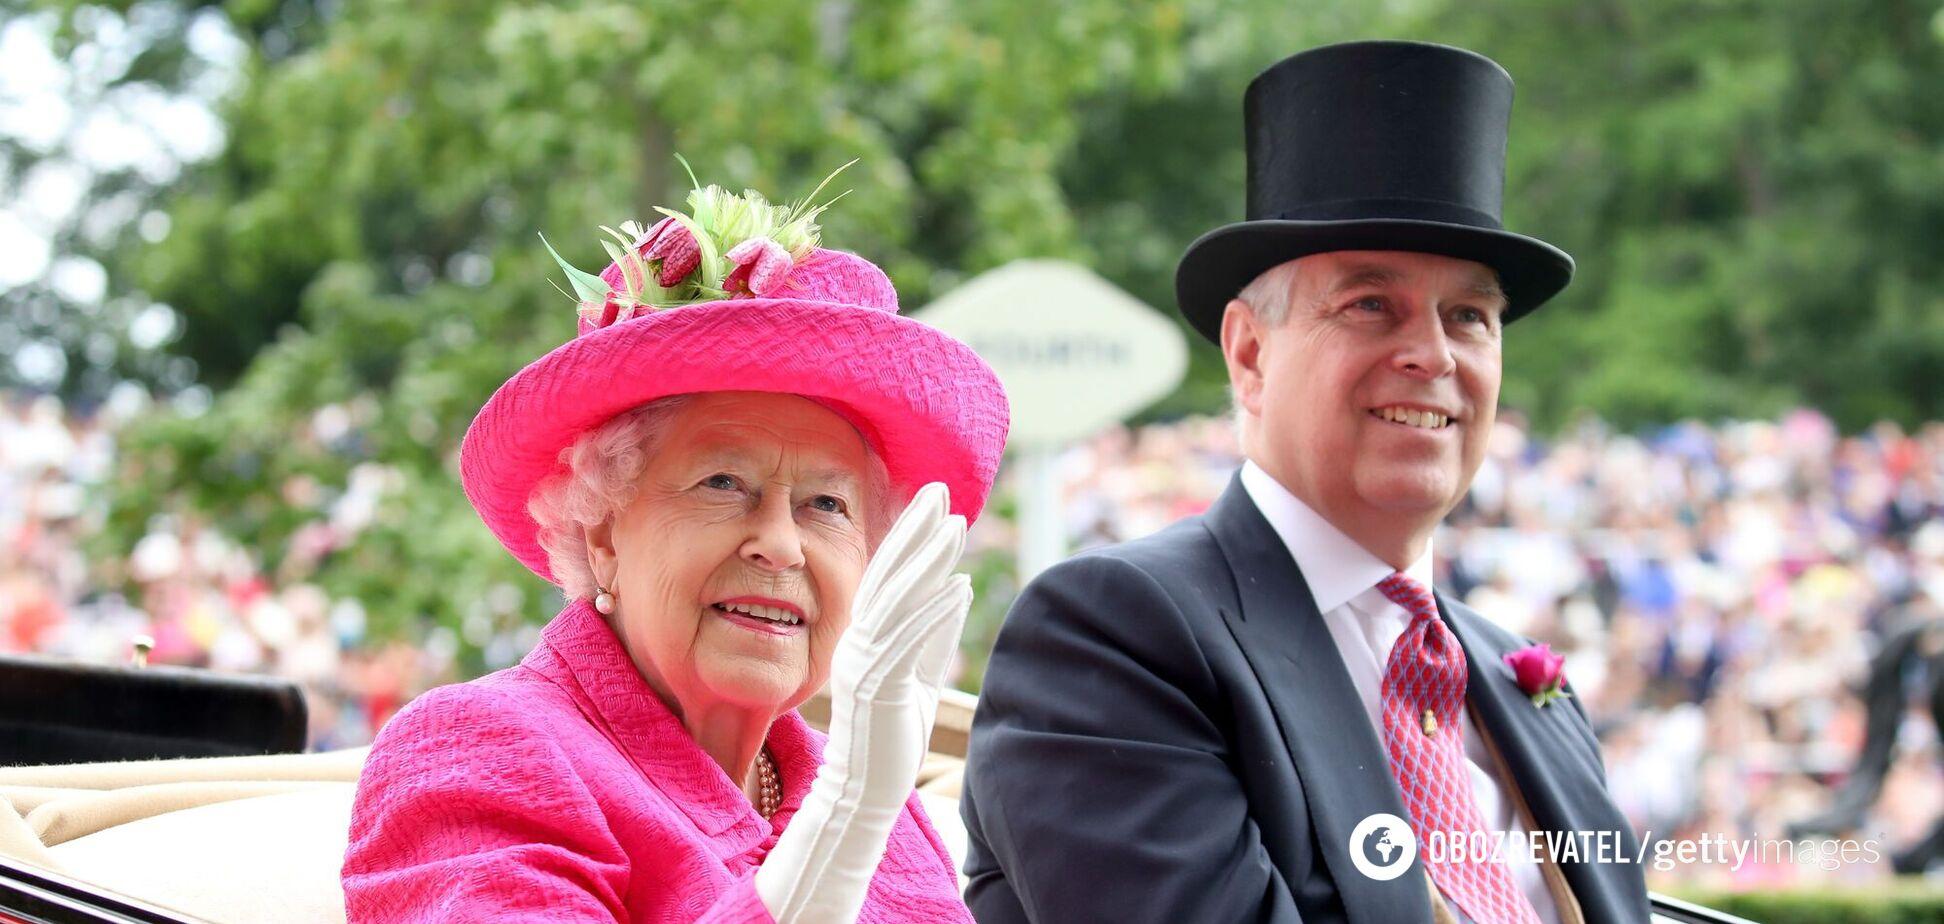 Син Єлизавети II зробив їй зворушливий подарунок на честь 95-річчя